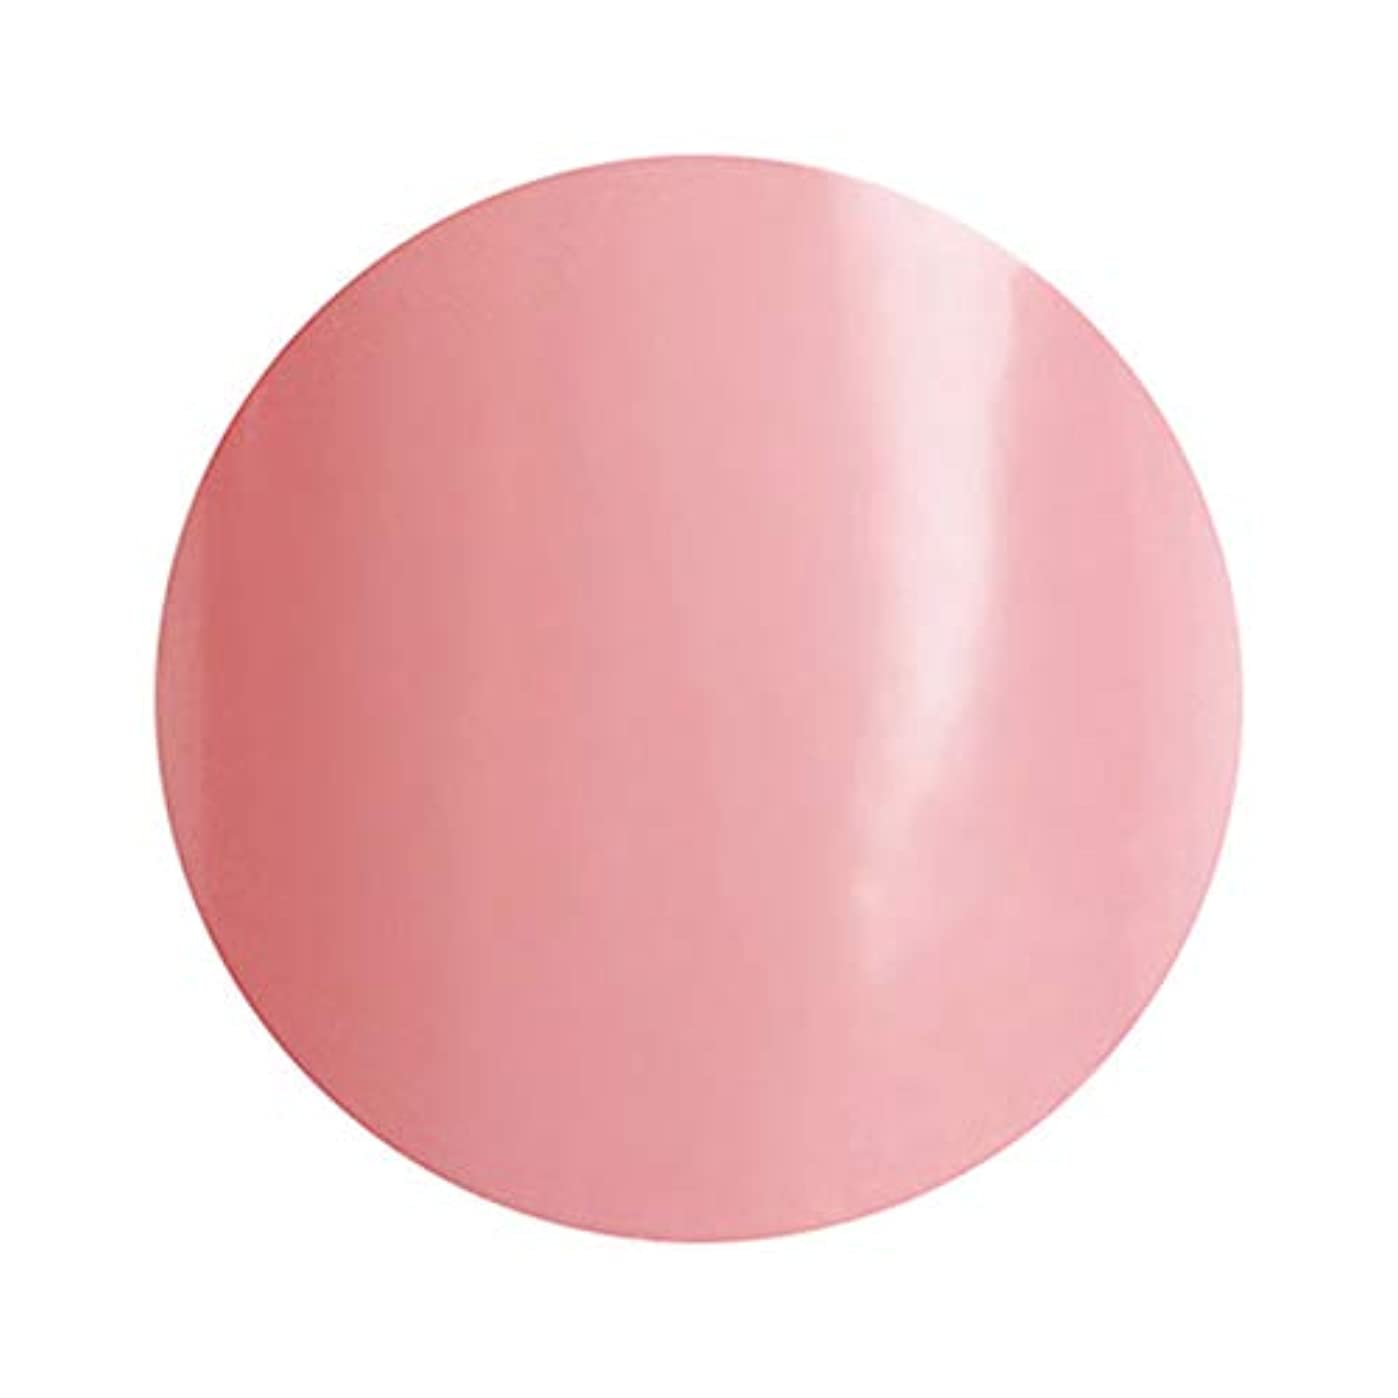 スツール国内のマンハッタンpara gel パラジェル カラージェル S034 ブーケピンク 4g (久永ひろよプロデュース)